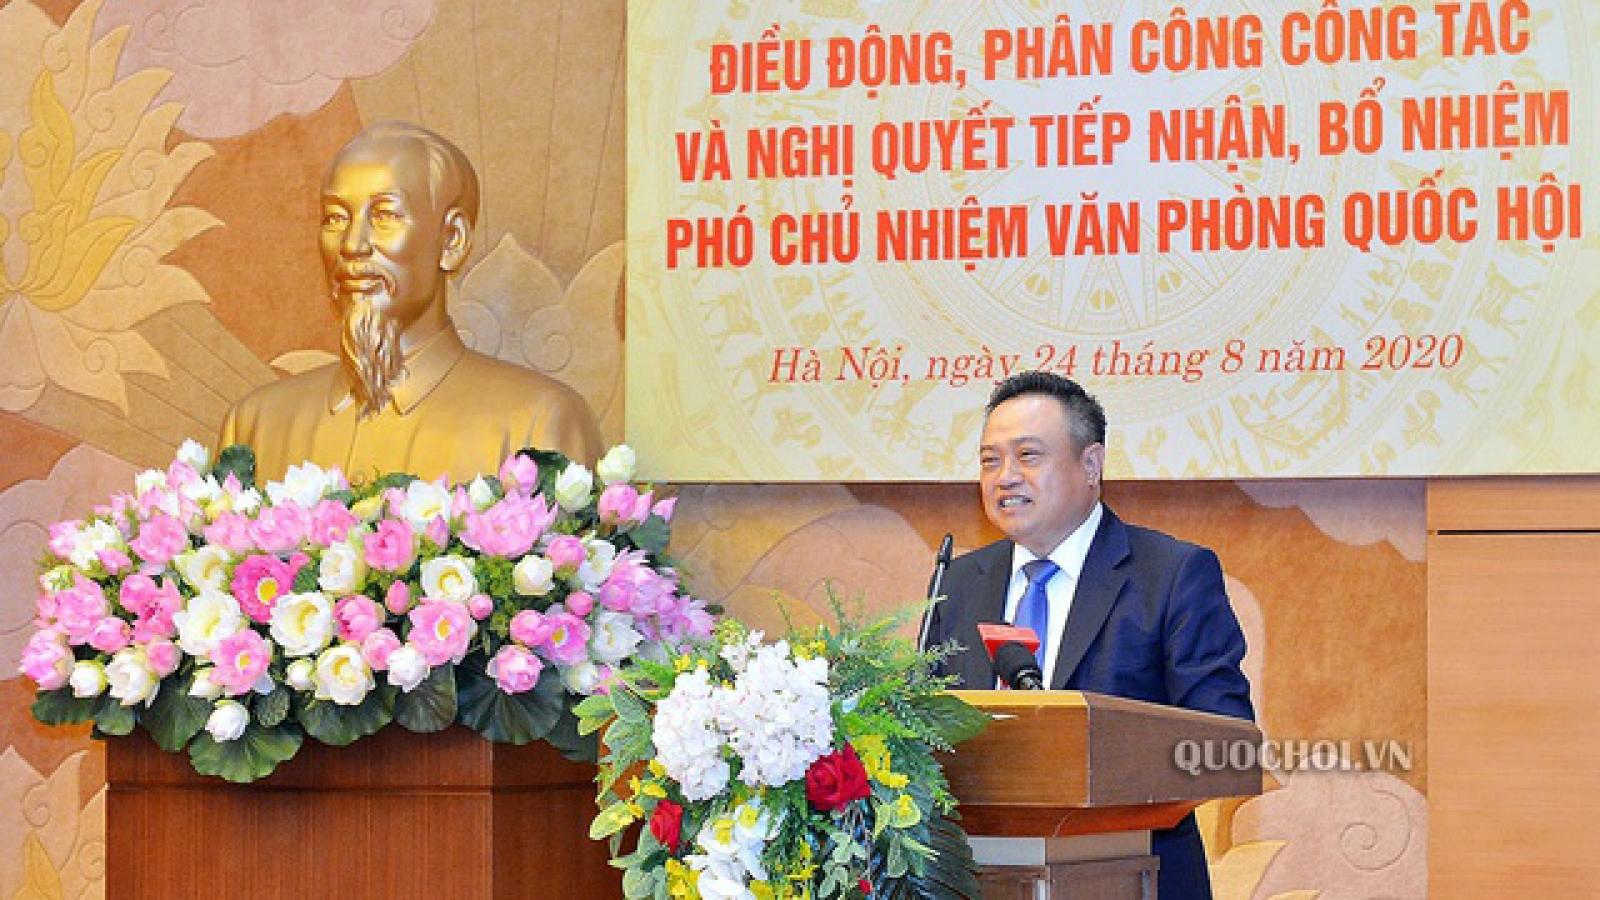 Chân dung ông Trần Sỹ Thanh - Tân Phó Chủ nhiệm Văn phòng Quốc hội